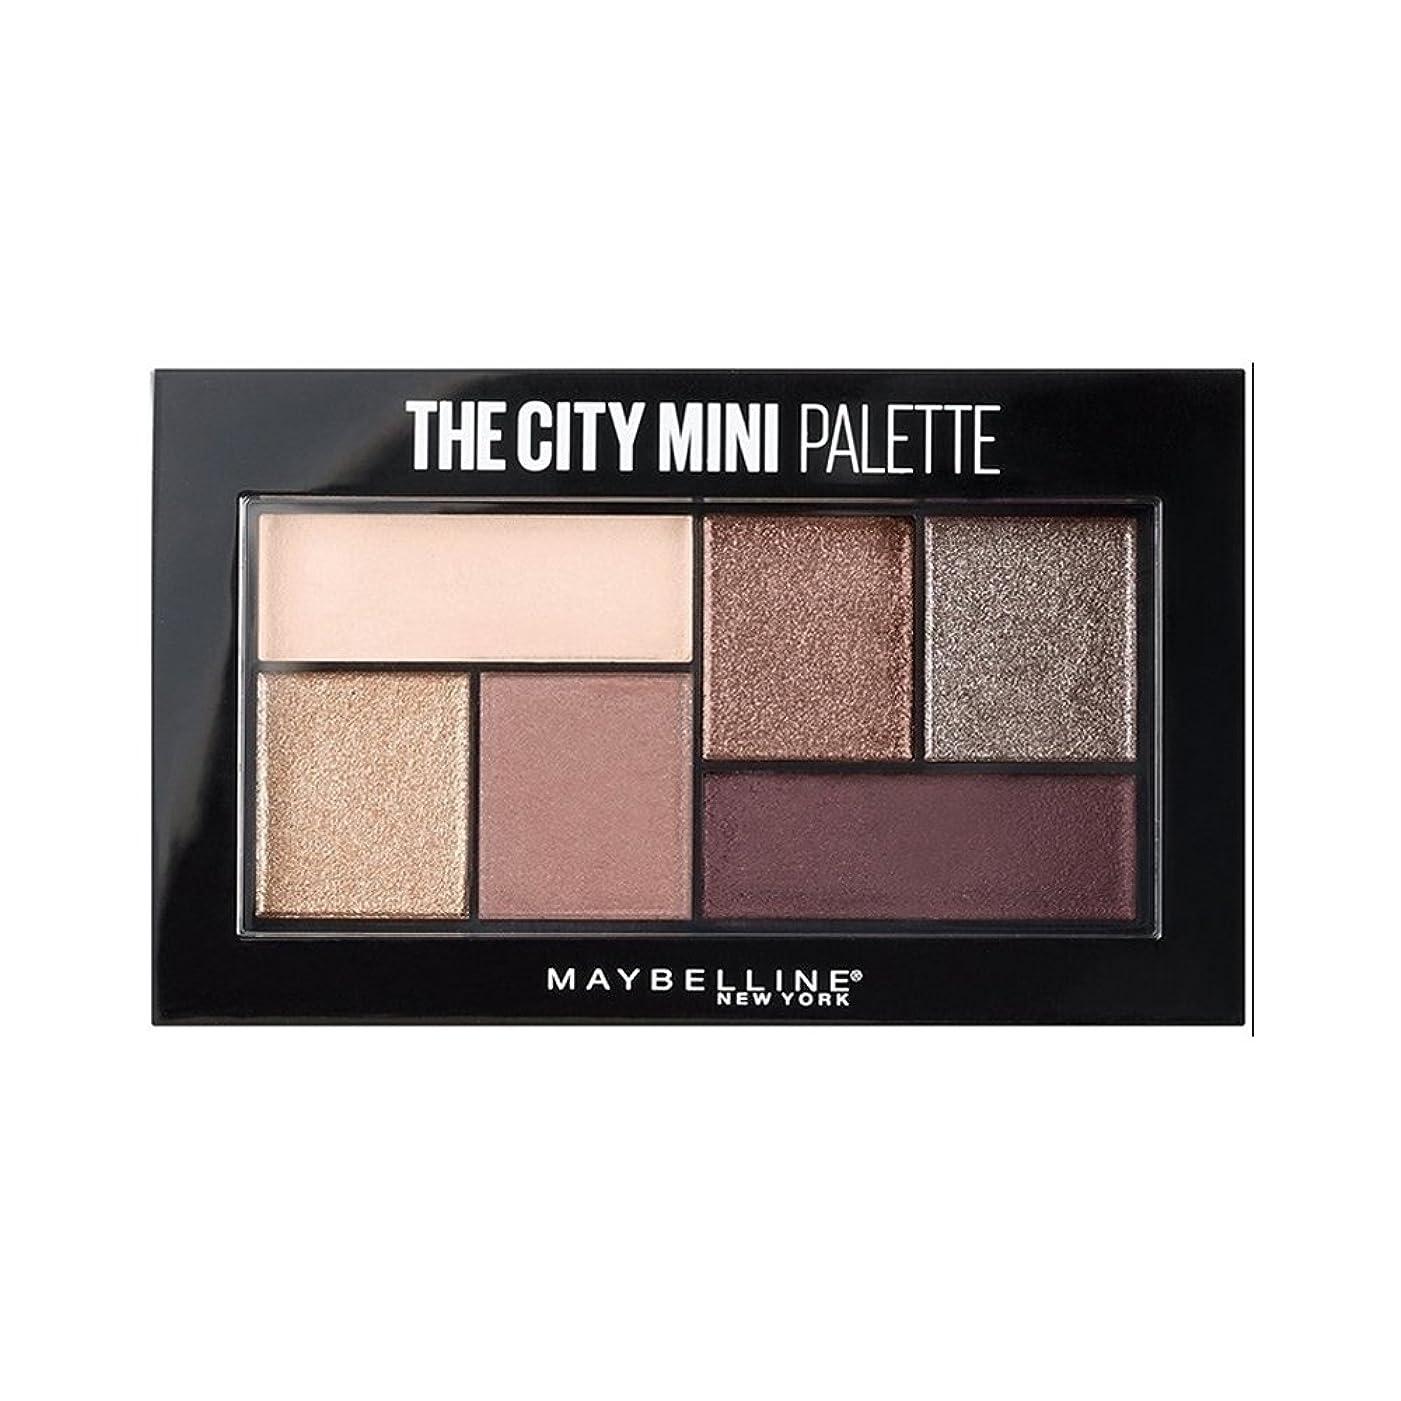 保安ニコチン道路を作るプロセス(3 Pack) MAYBELLINE The City Mini Palette - Chill Brunch Neutrals (並行輸入品)